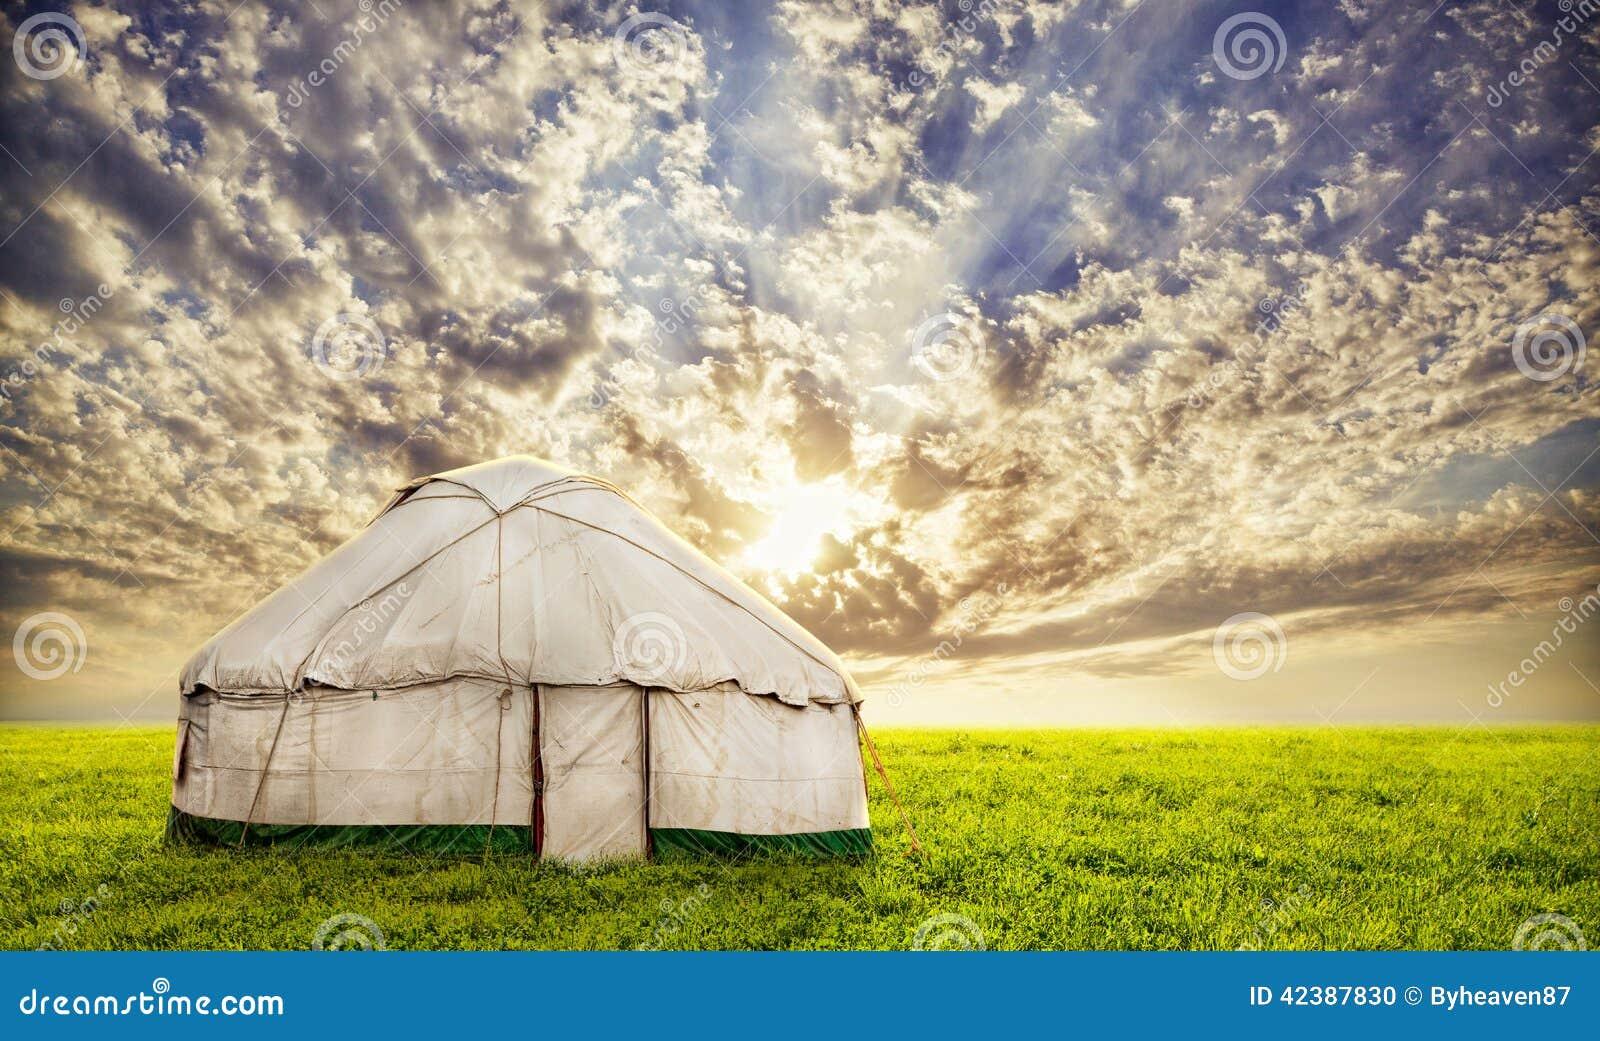 草地的urta游牧房子在日落晚上天空在中亚.